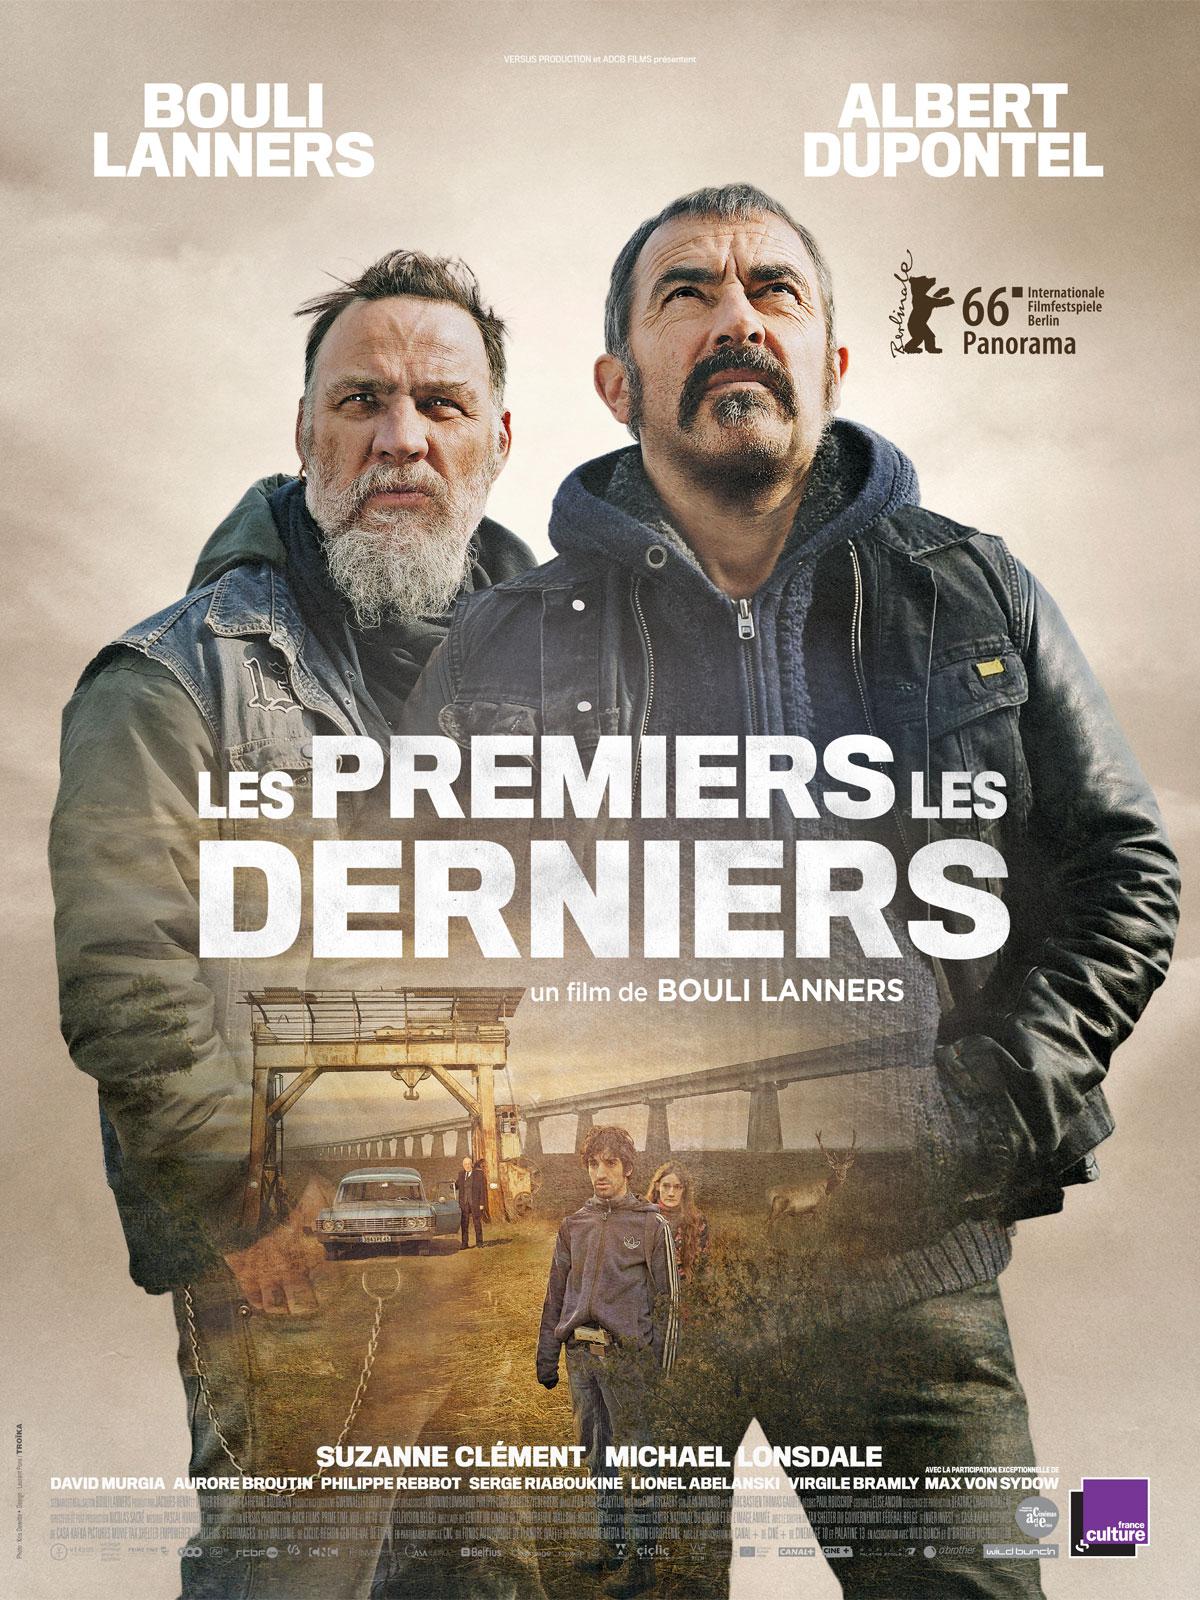 MIGRATEUR PEUPLE TÉLÉCHARGER LE GRATUITEMENT FILM